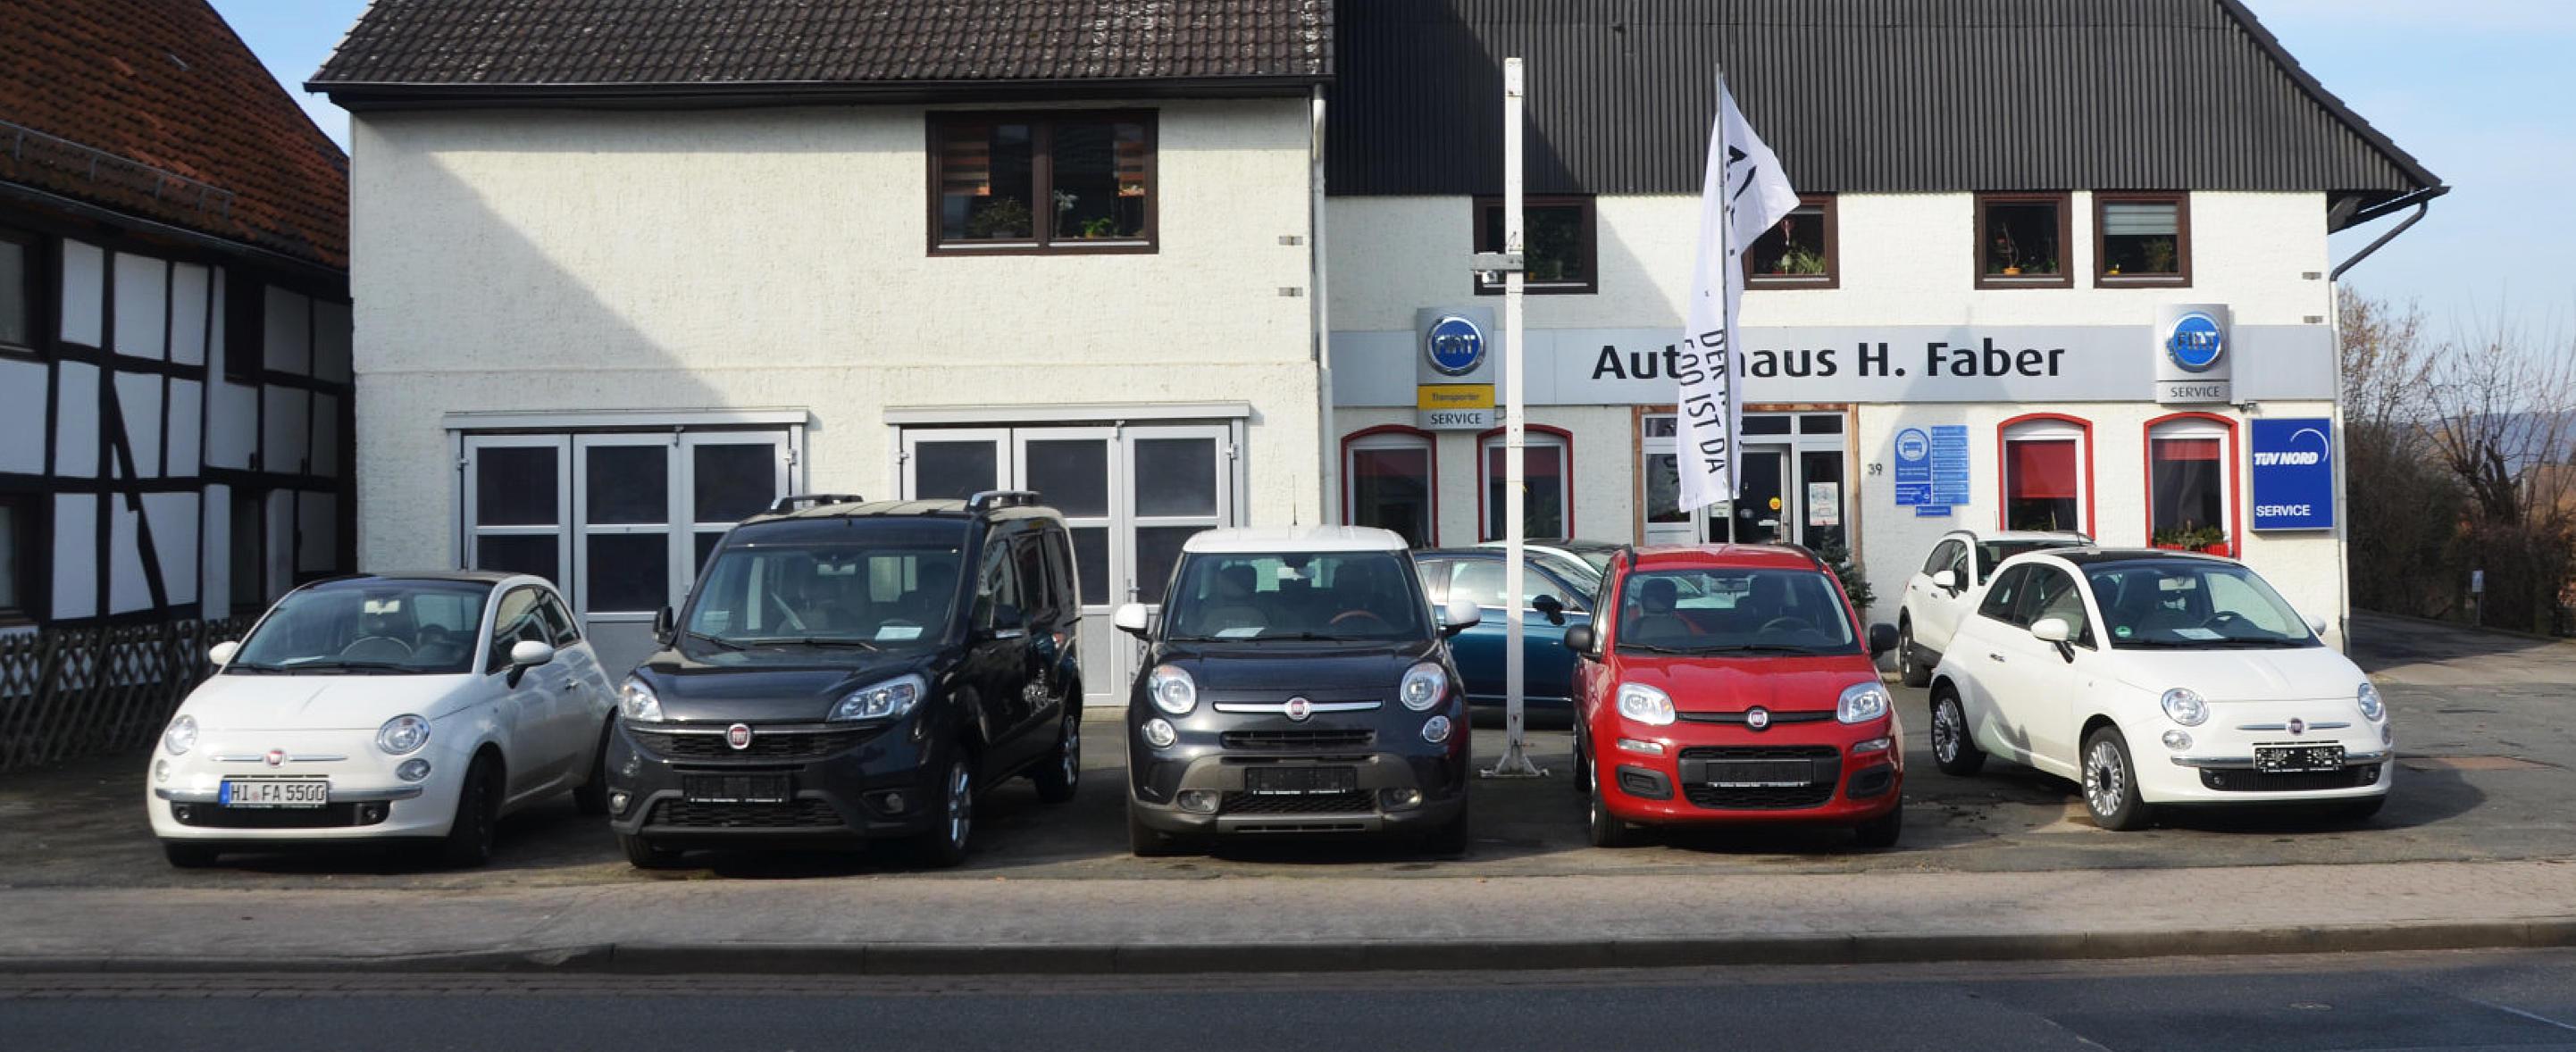 autohaus hermann faber fiat service alfeld sarstedt springe nordstemmen nordstemmen. Black Bedroom Furniture Sets. Home Design Ideas